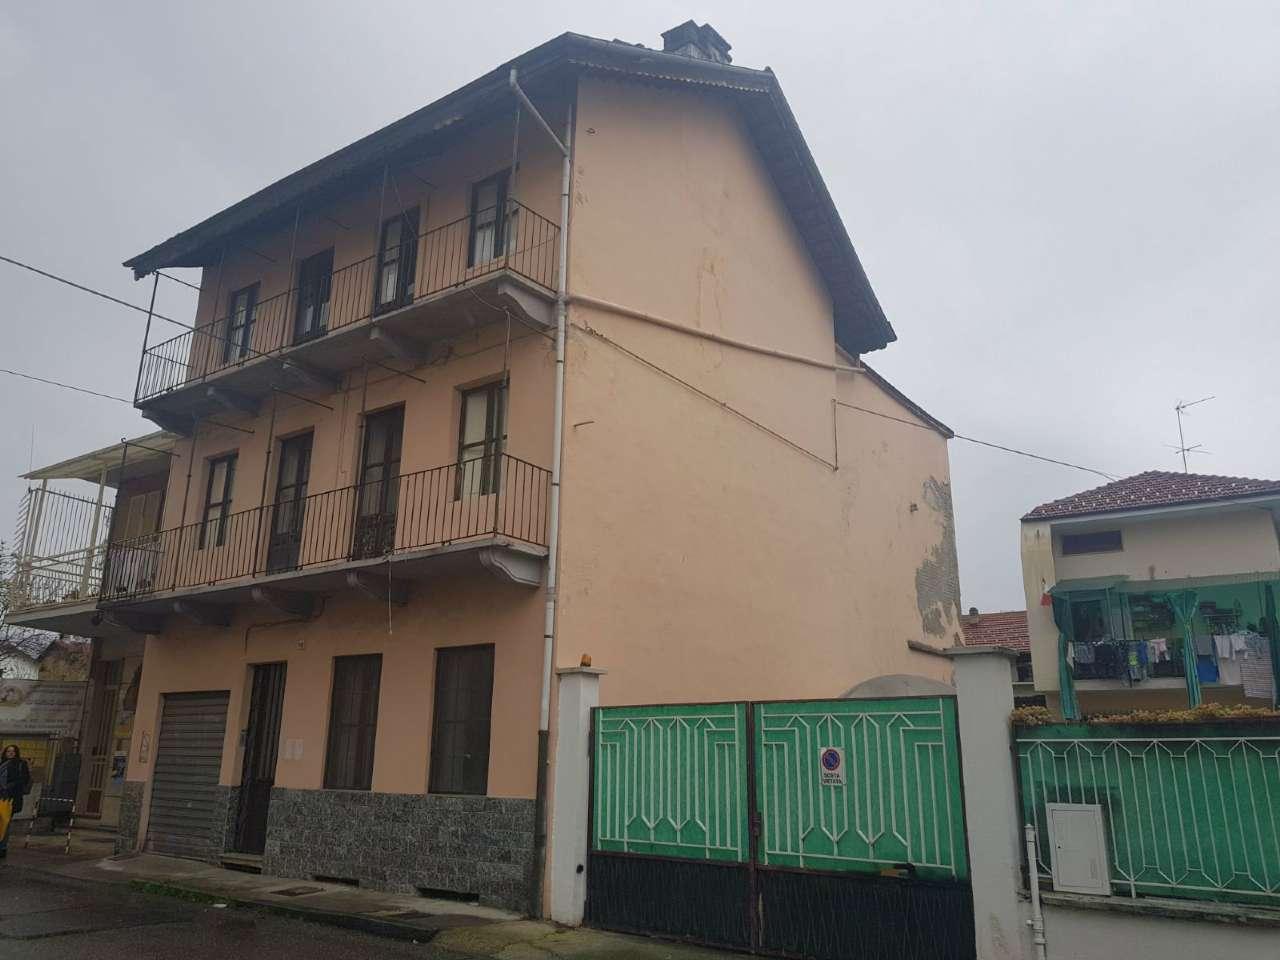 Rustico / Casale in vendita a Mathi, 9999 locali, prezzo € 79.000 | CambioCasa.it